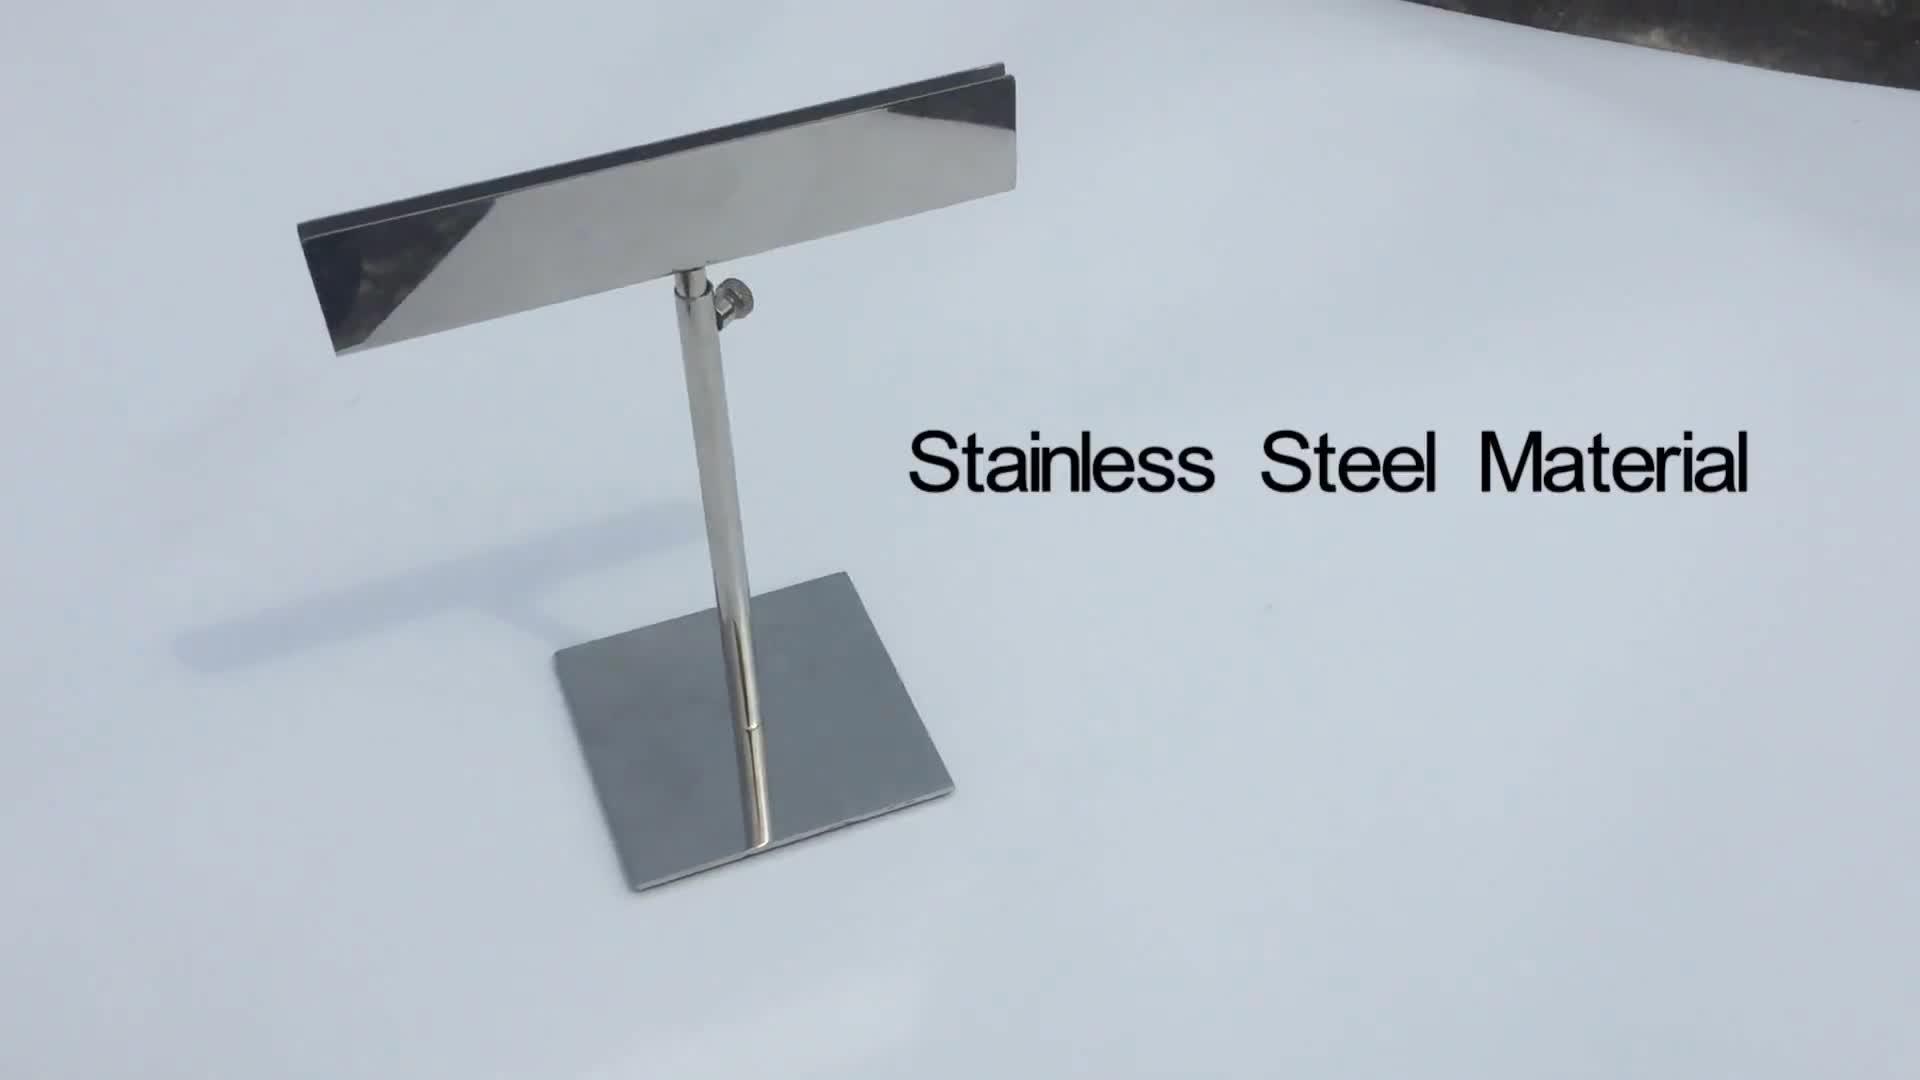 Adjustable Height Metal Frame Pedestal A4 Poster Stand Sign Holder Display